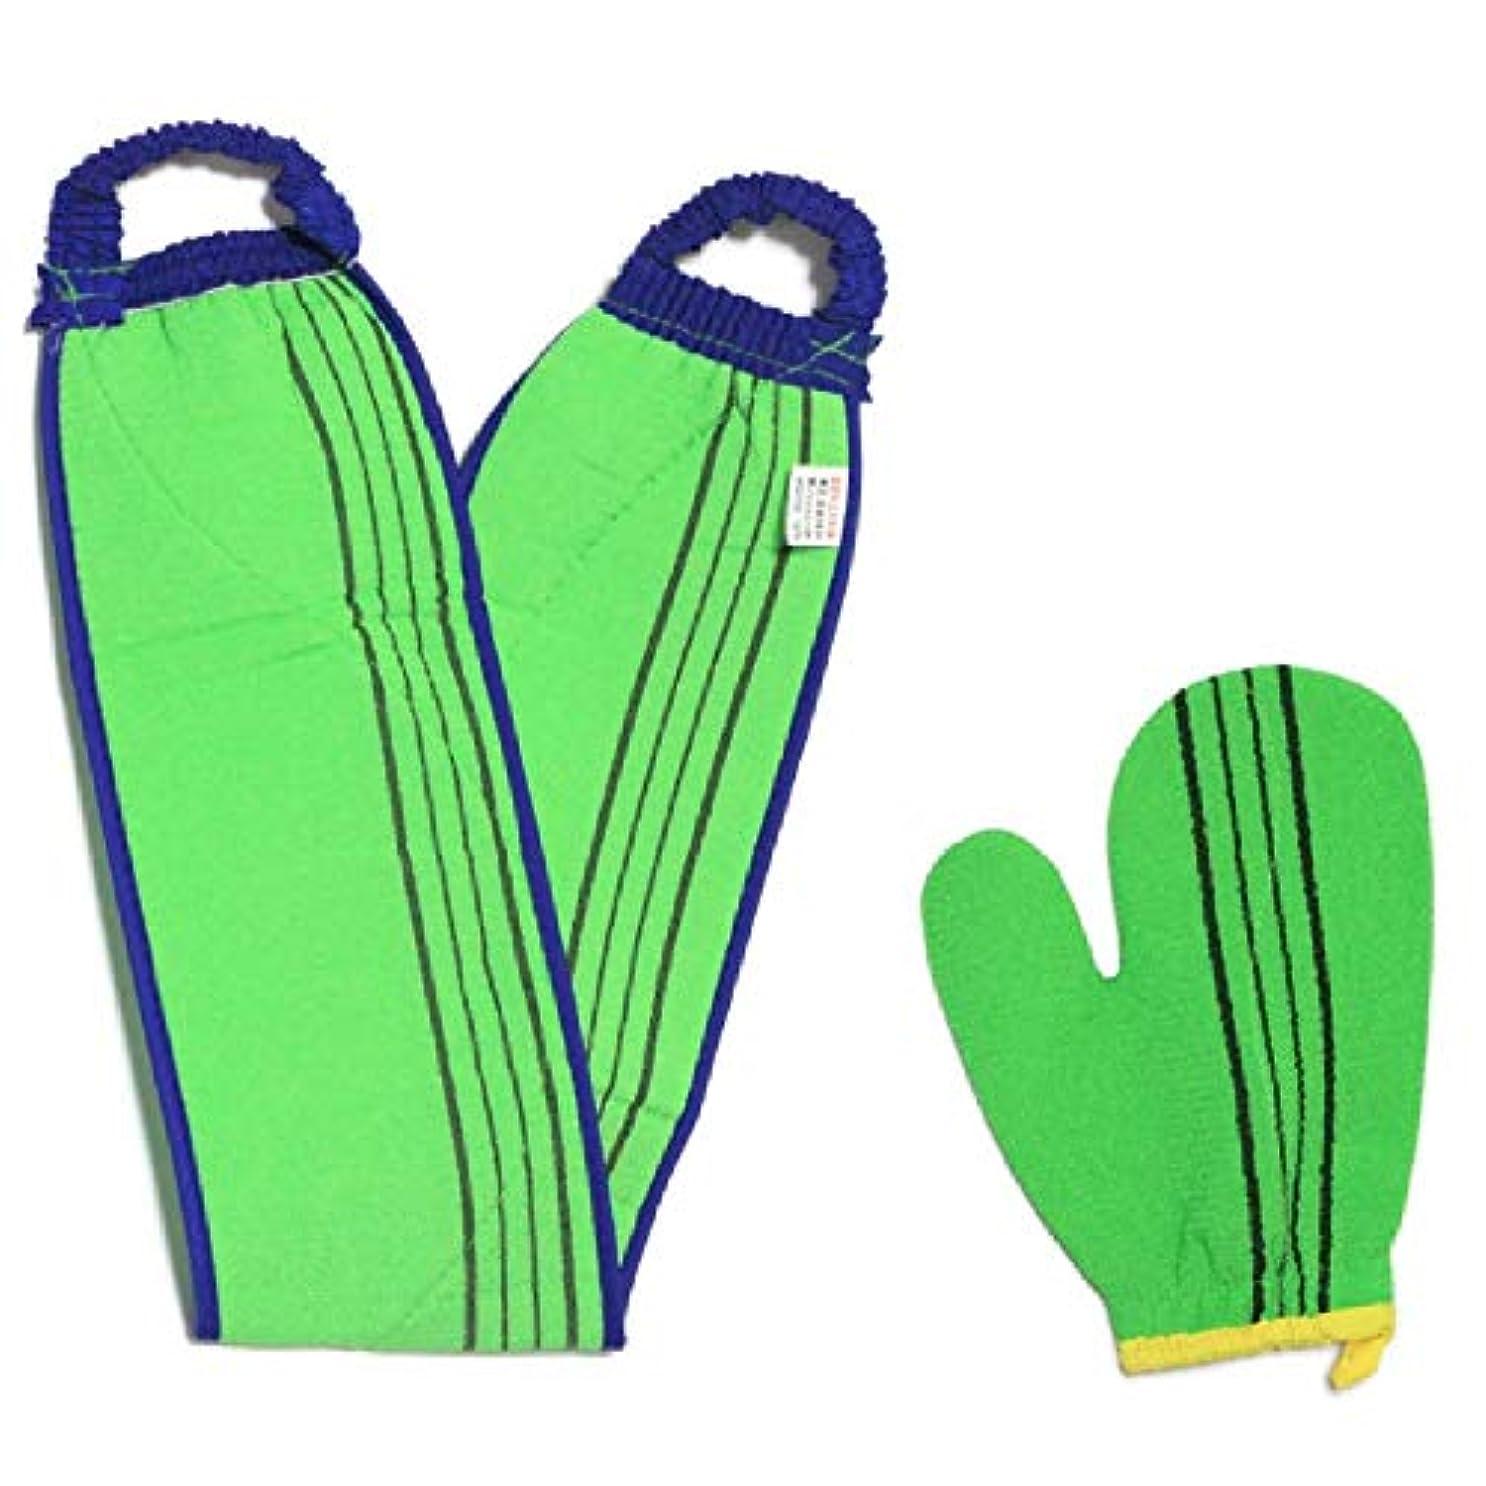 子供っぽい閉じる市長(韓国ブランド)スポンジあかすりセット 全身あかすり 手袋と背中のあかすり 全身エステ 両面つばあかすり お風呂グッズ ボディタオル ボディースポンジ(緑色セット)